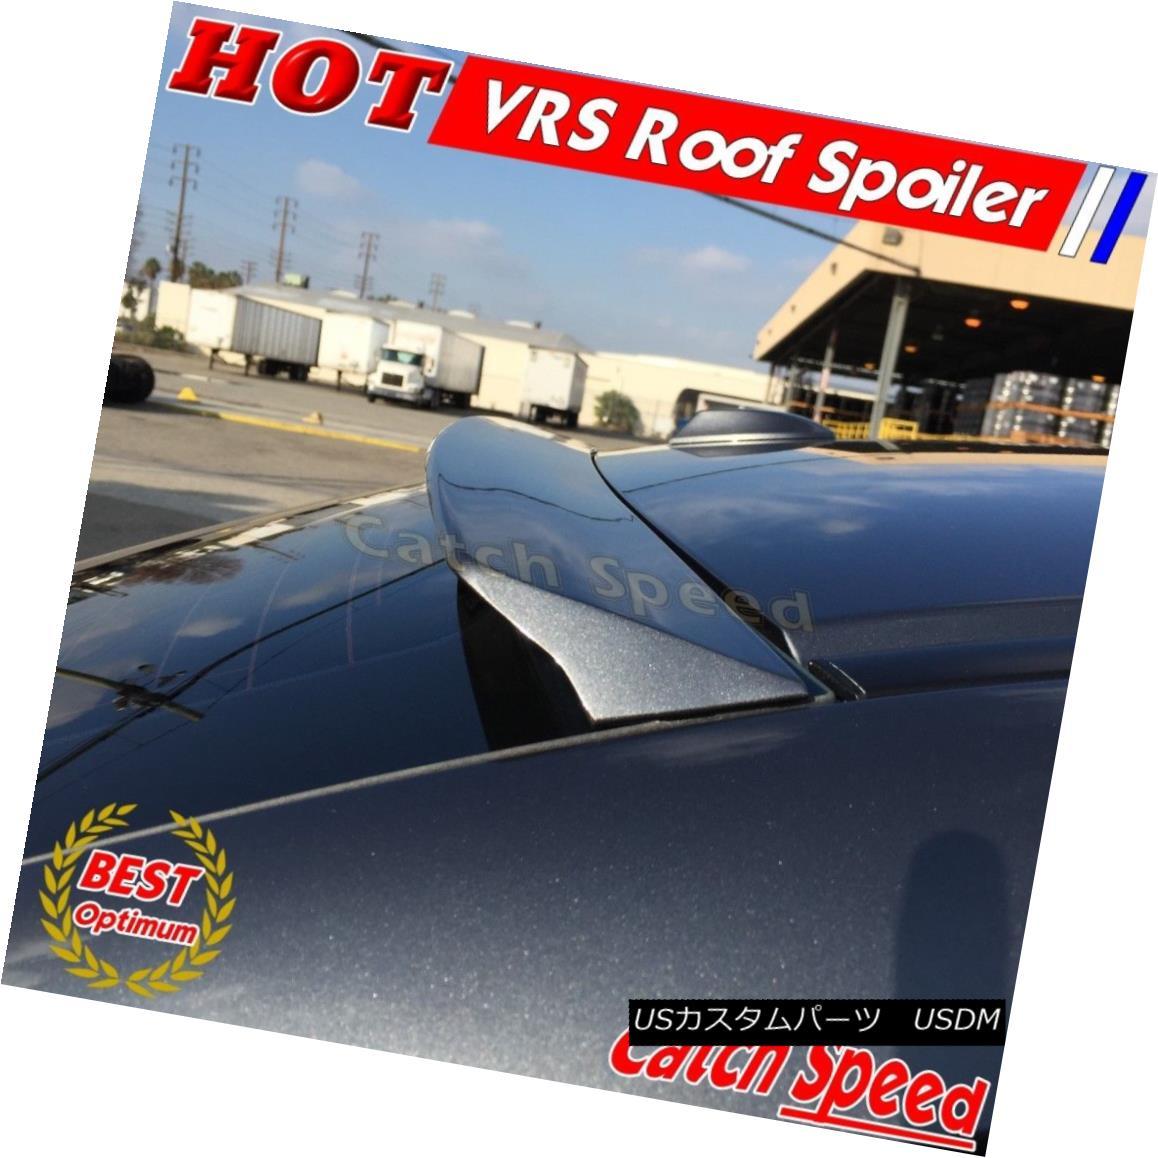 エアロパーツ Flat Black VRS Type Rear Window Roof Spoiler Wing For Audi A6 C6 Sedan 2010~11 ? フラットブラックVSタイプリアウィンドウルーフスポイラーウィングfor Audi A6 C6セダン2010?11?